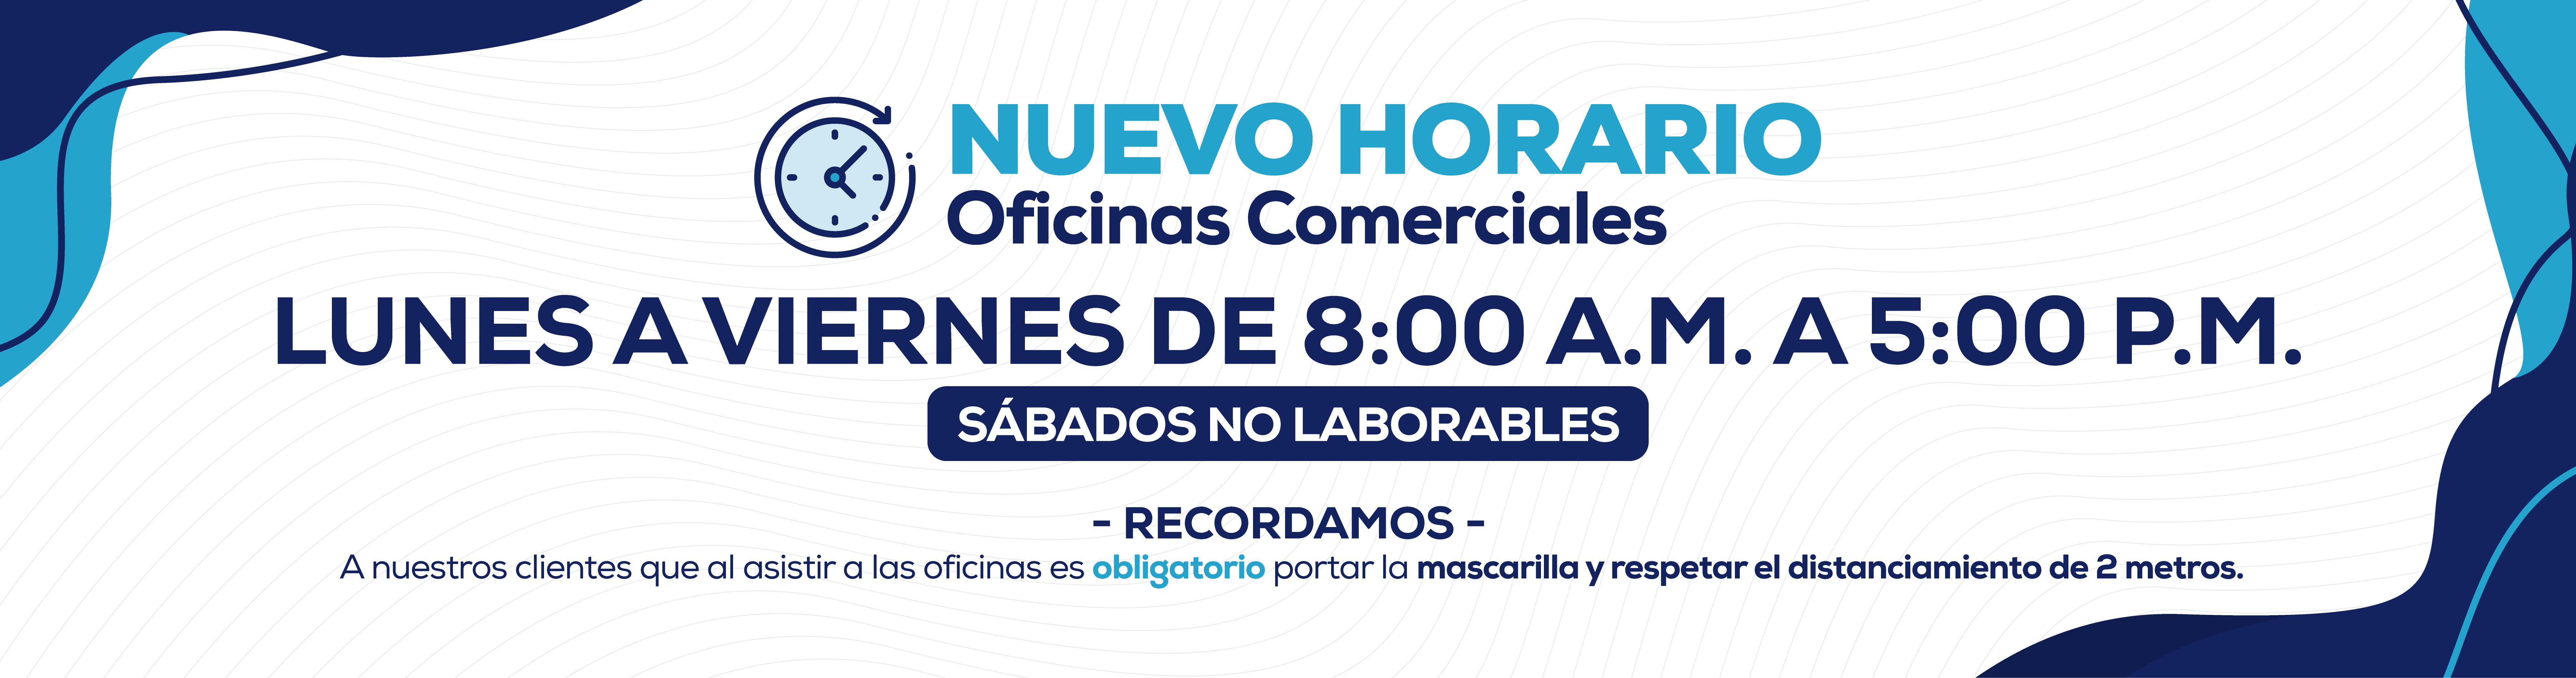 Nuevo Horario, 18 de Mayo - OficinasComerciales_Slide Web